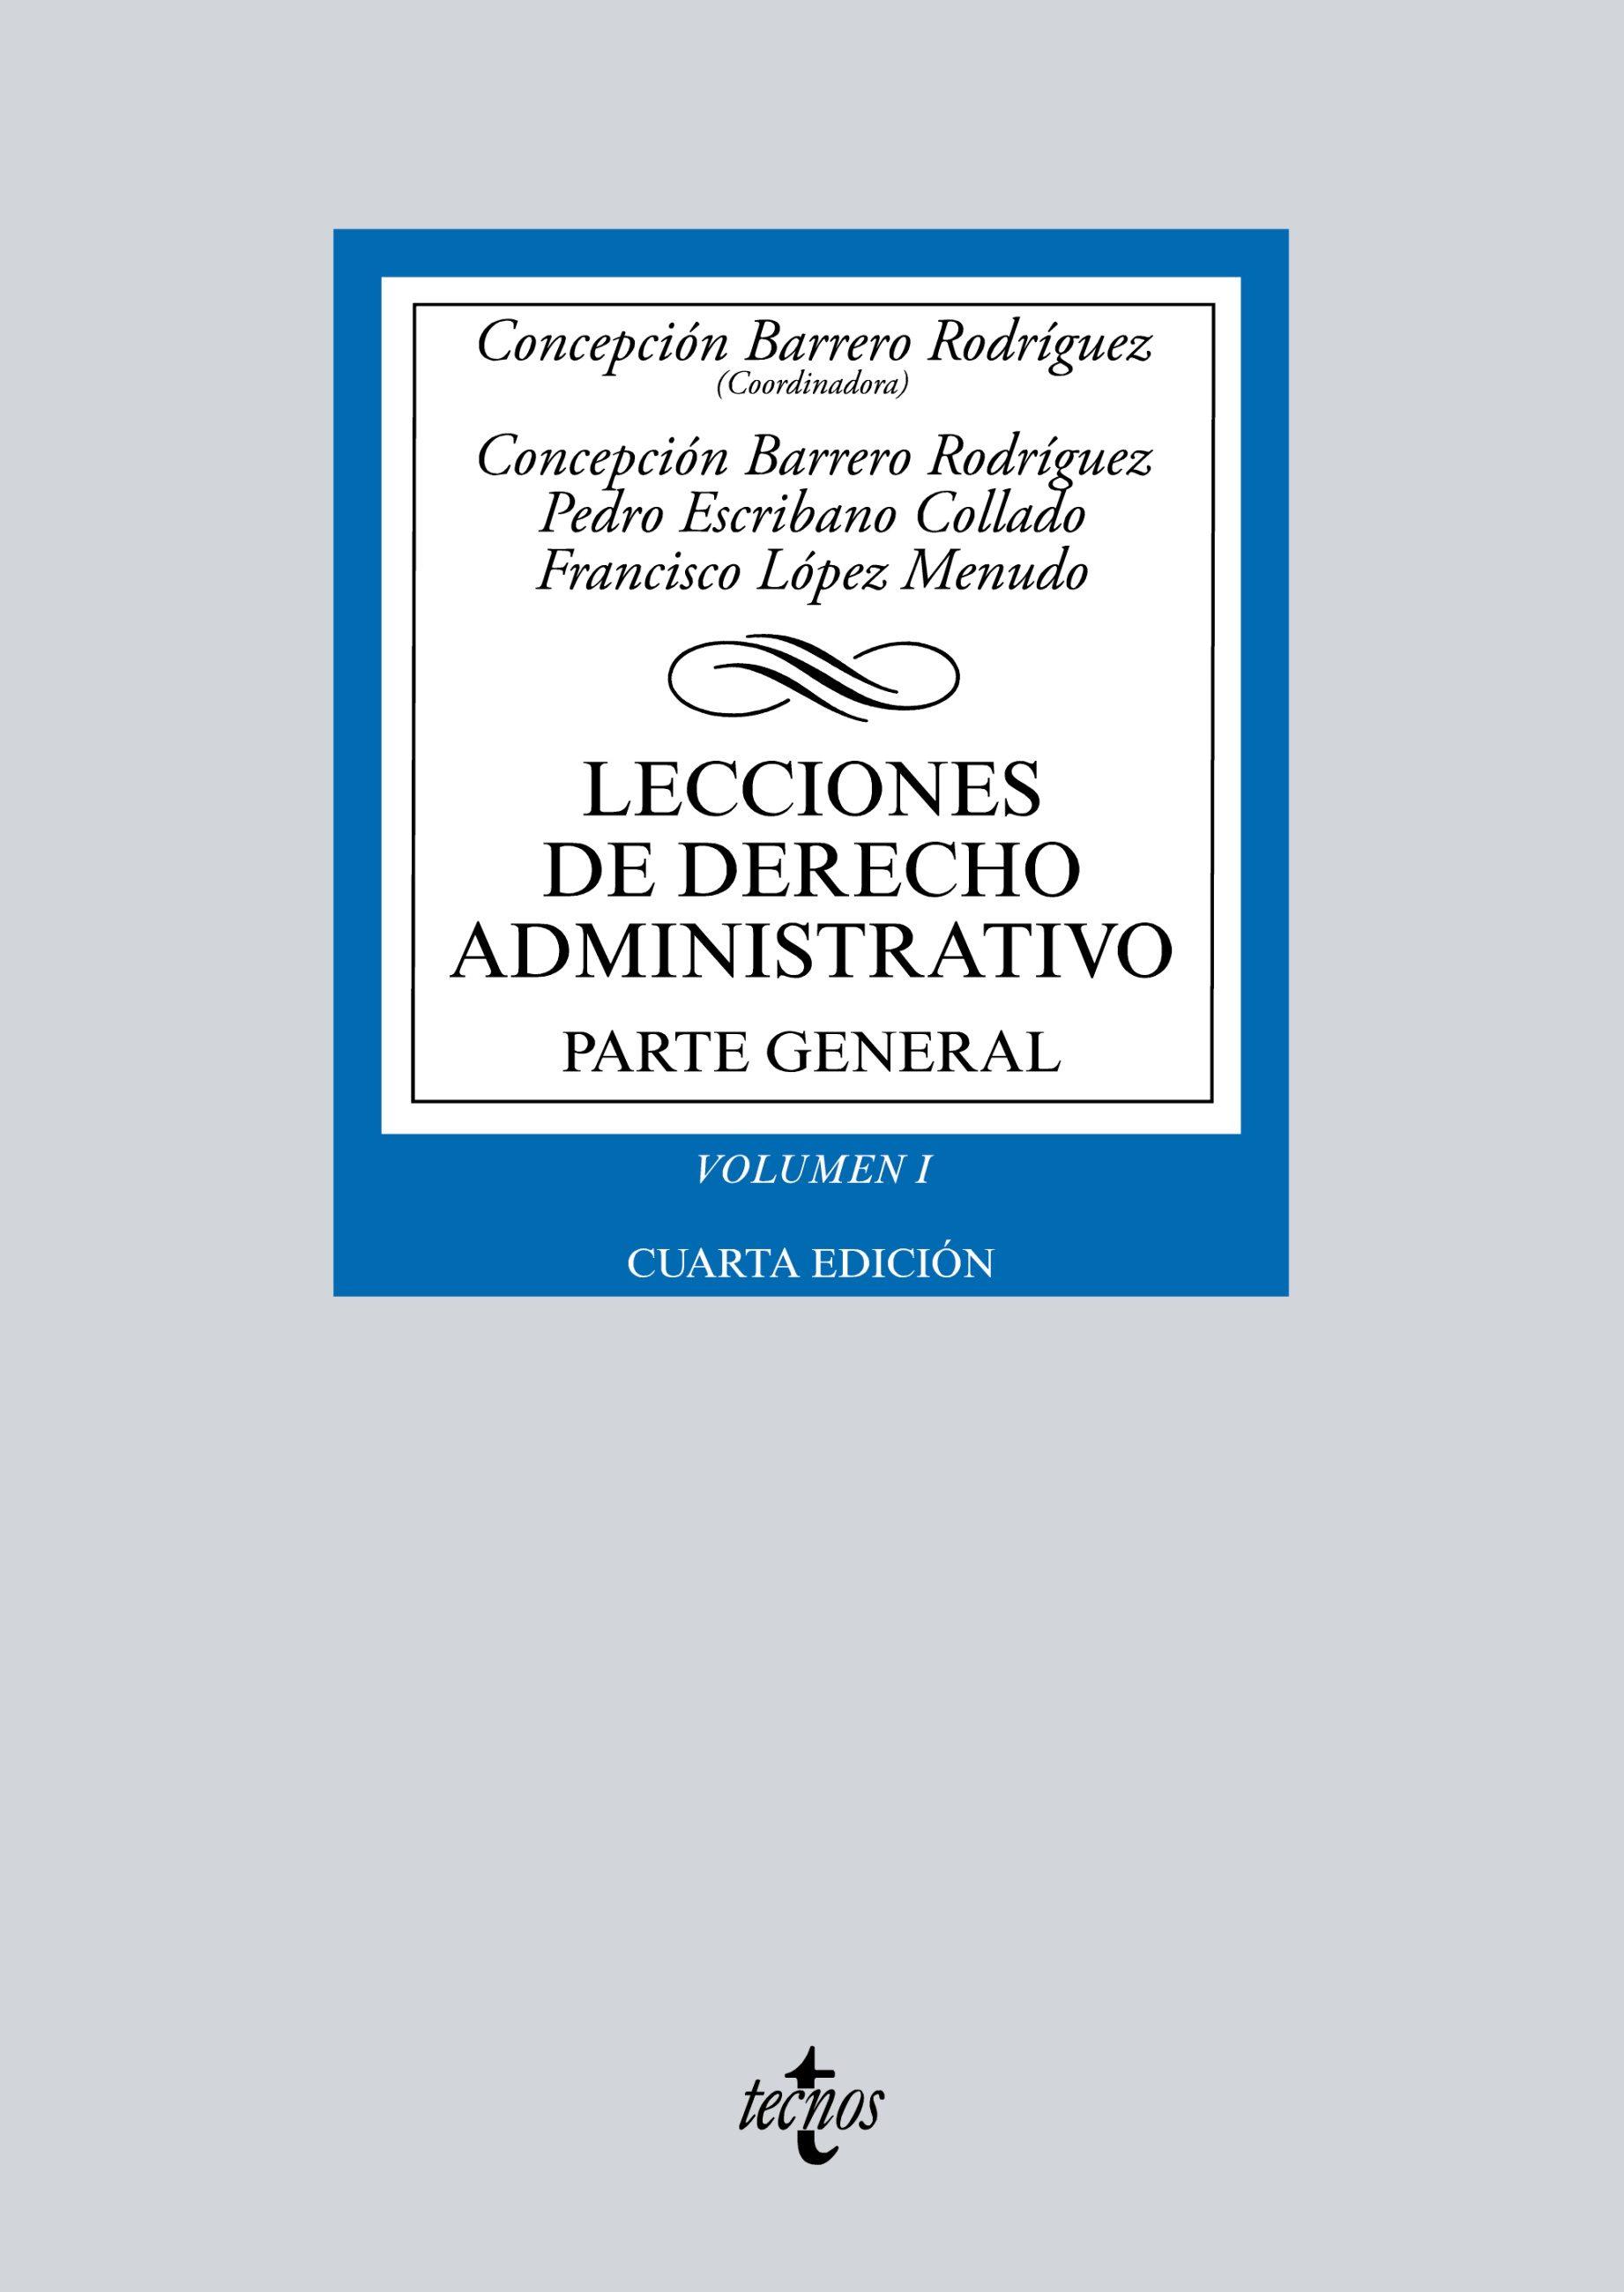 Lecciones De Derecho Administrativo   por Concepcion Barrero Rodriguez epub